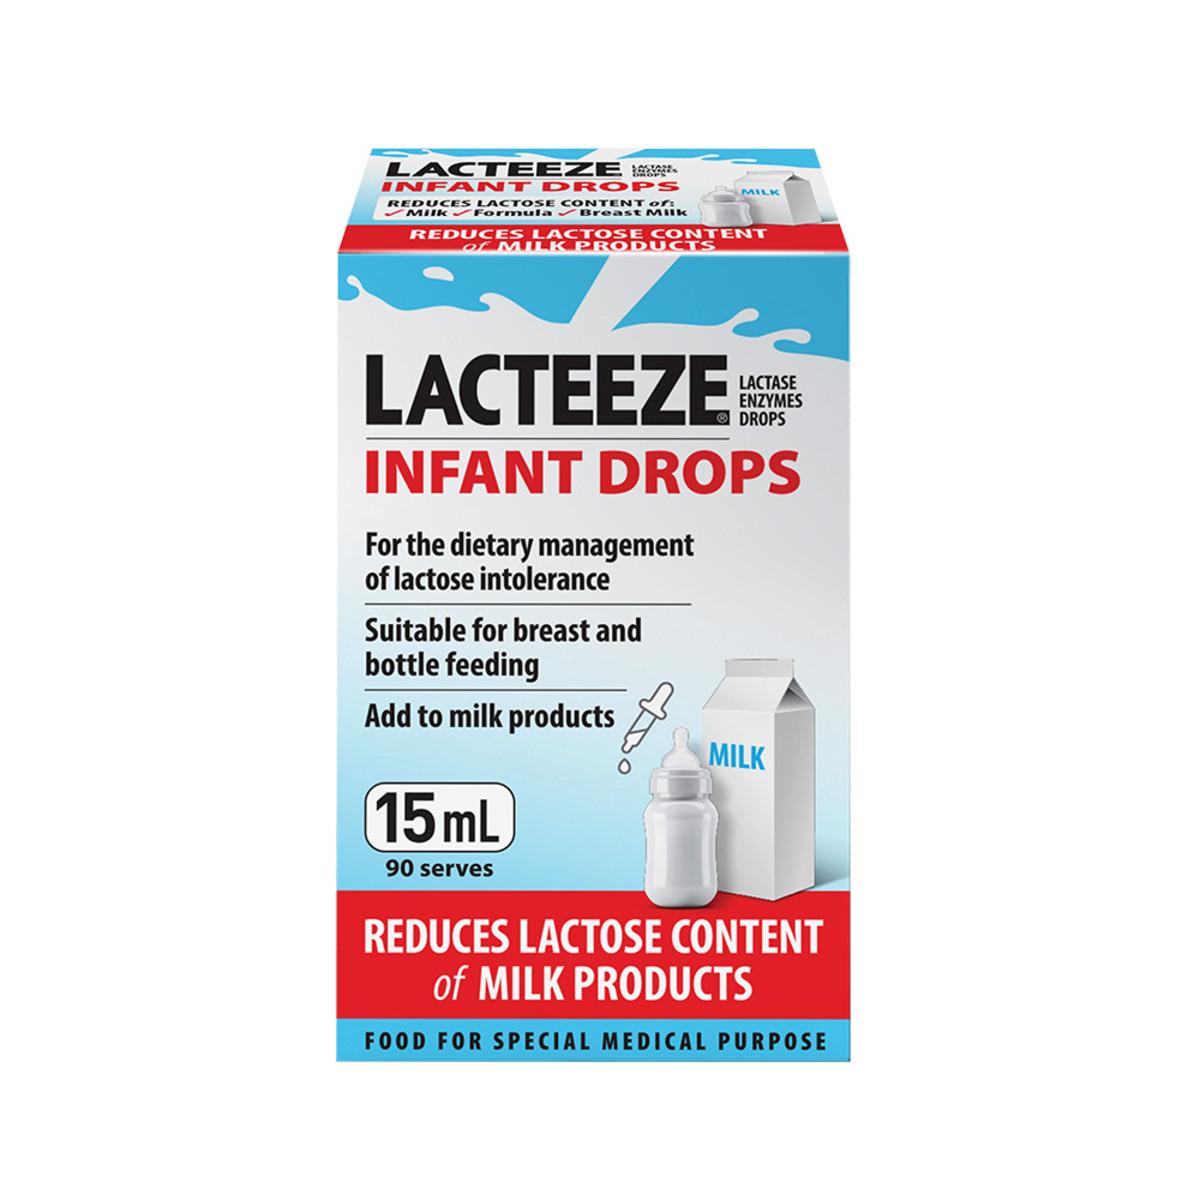 Lacteeze Infant Drops 15ml_media-01